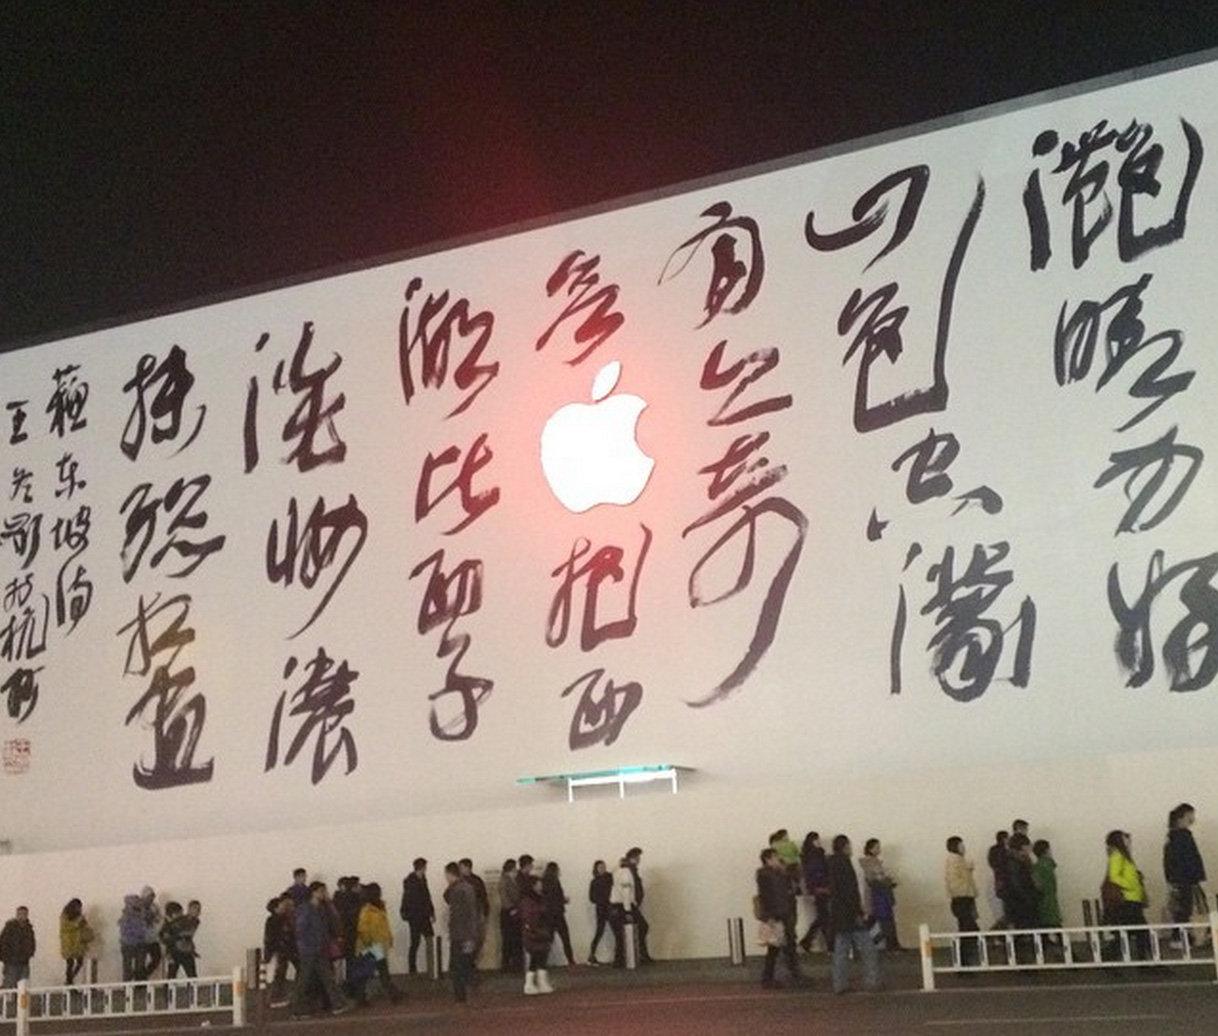 11658-4765-150124-Hangzhou-6-xl